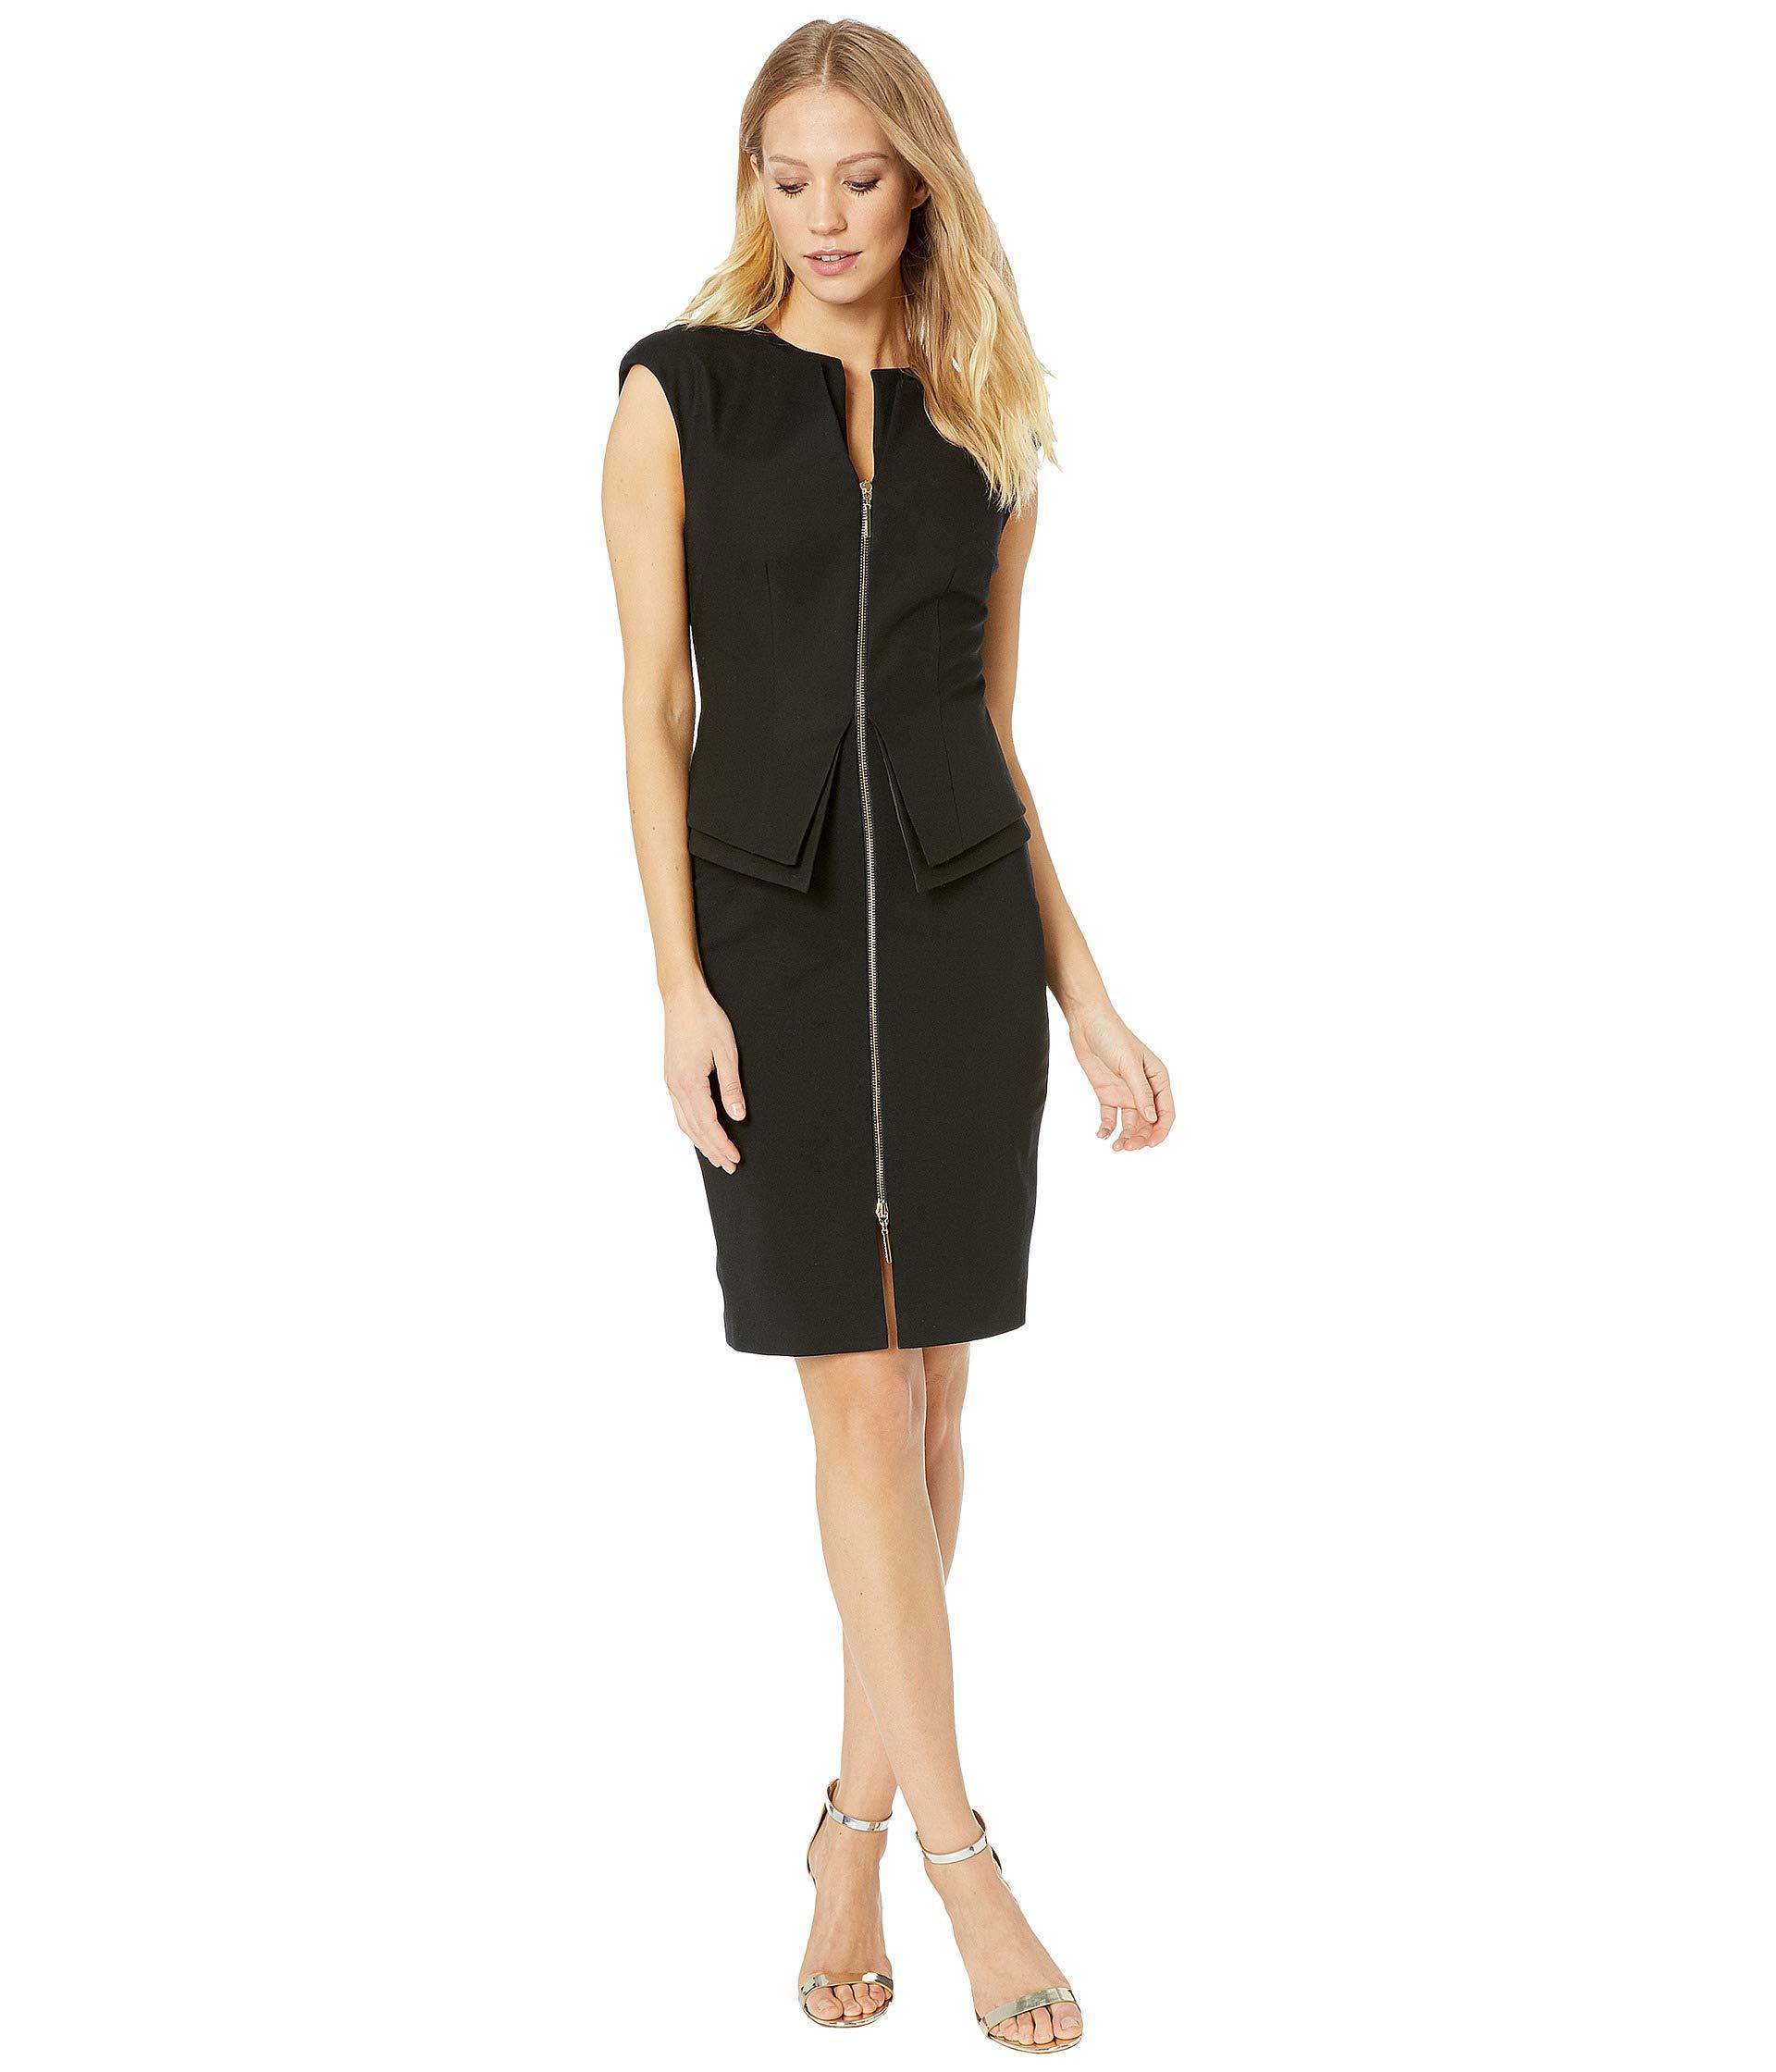 a72d699f315488 Lyst - Ted Baker Structured Zip Peplum Dress (black) Women s ...